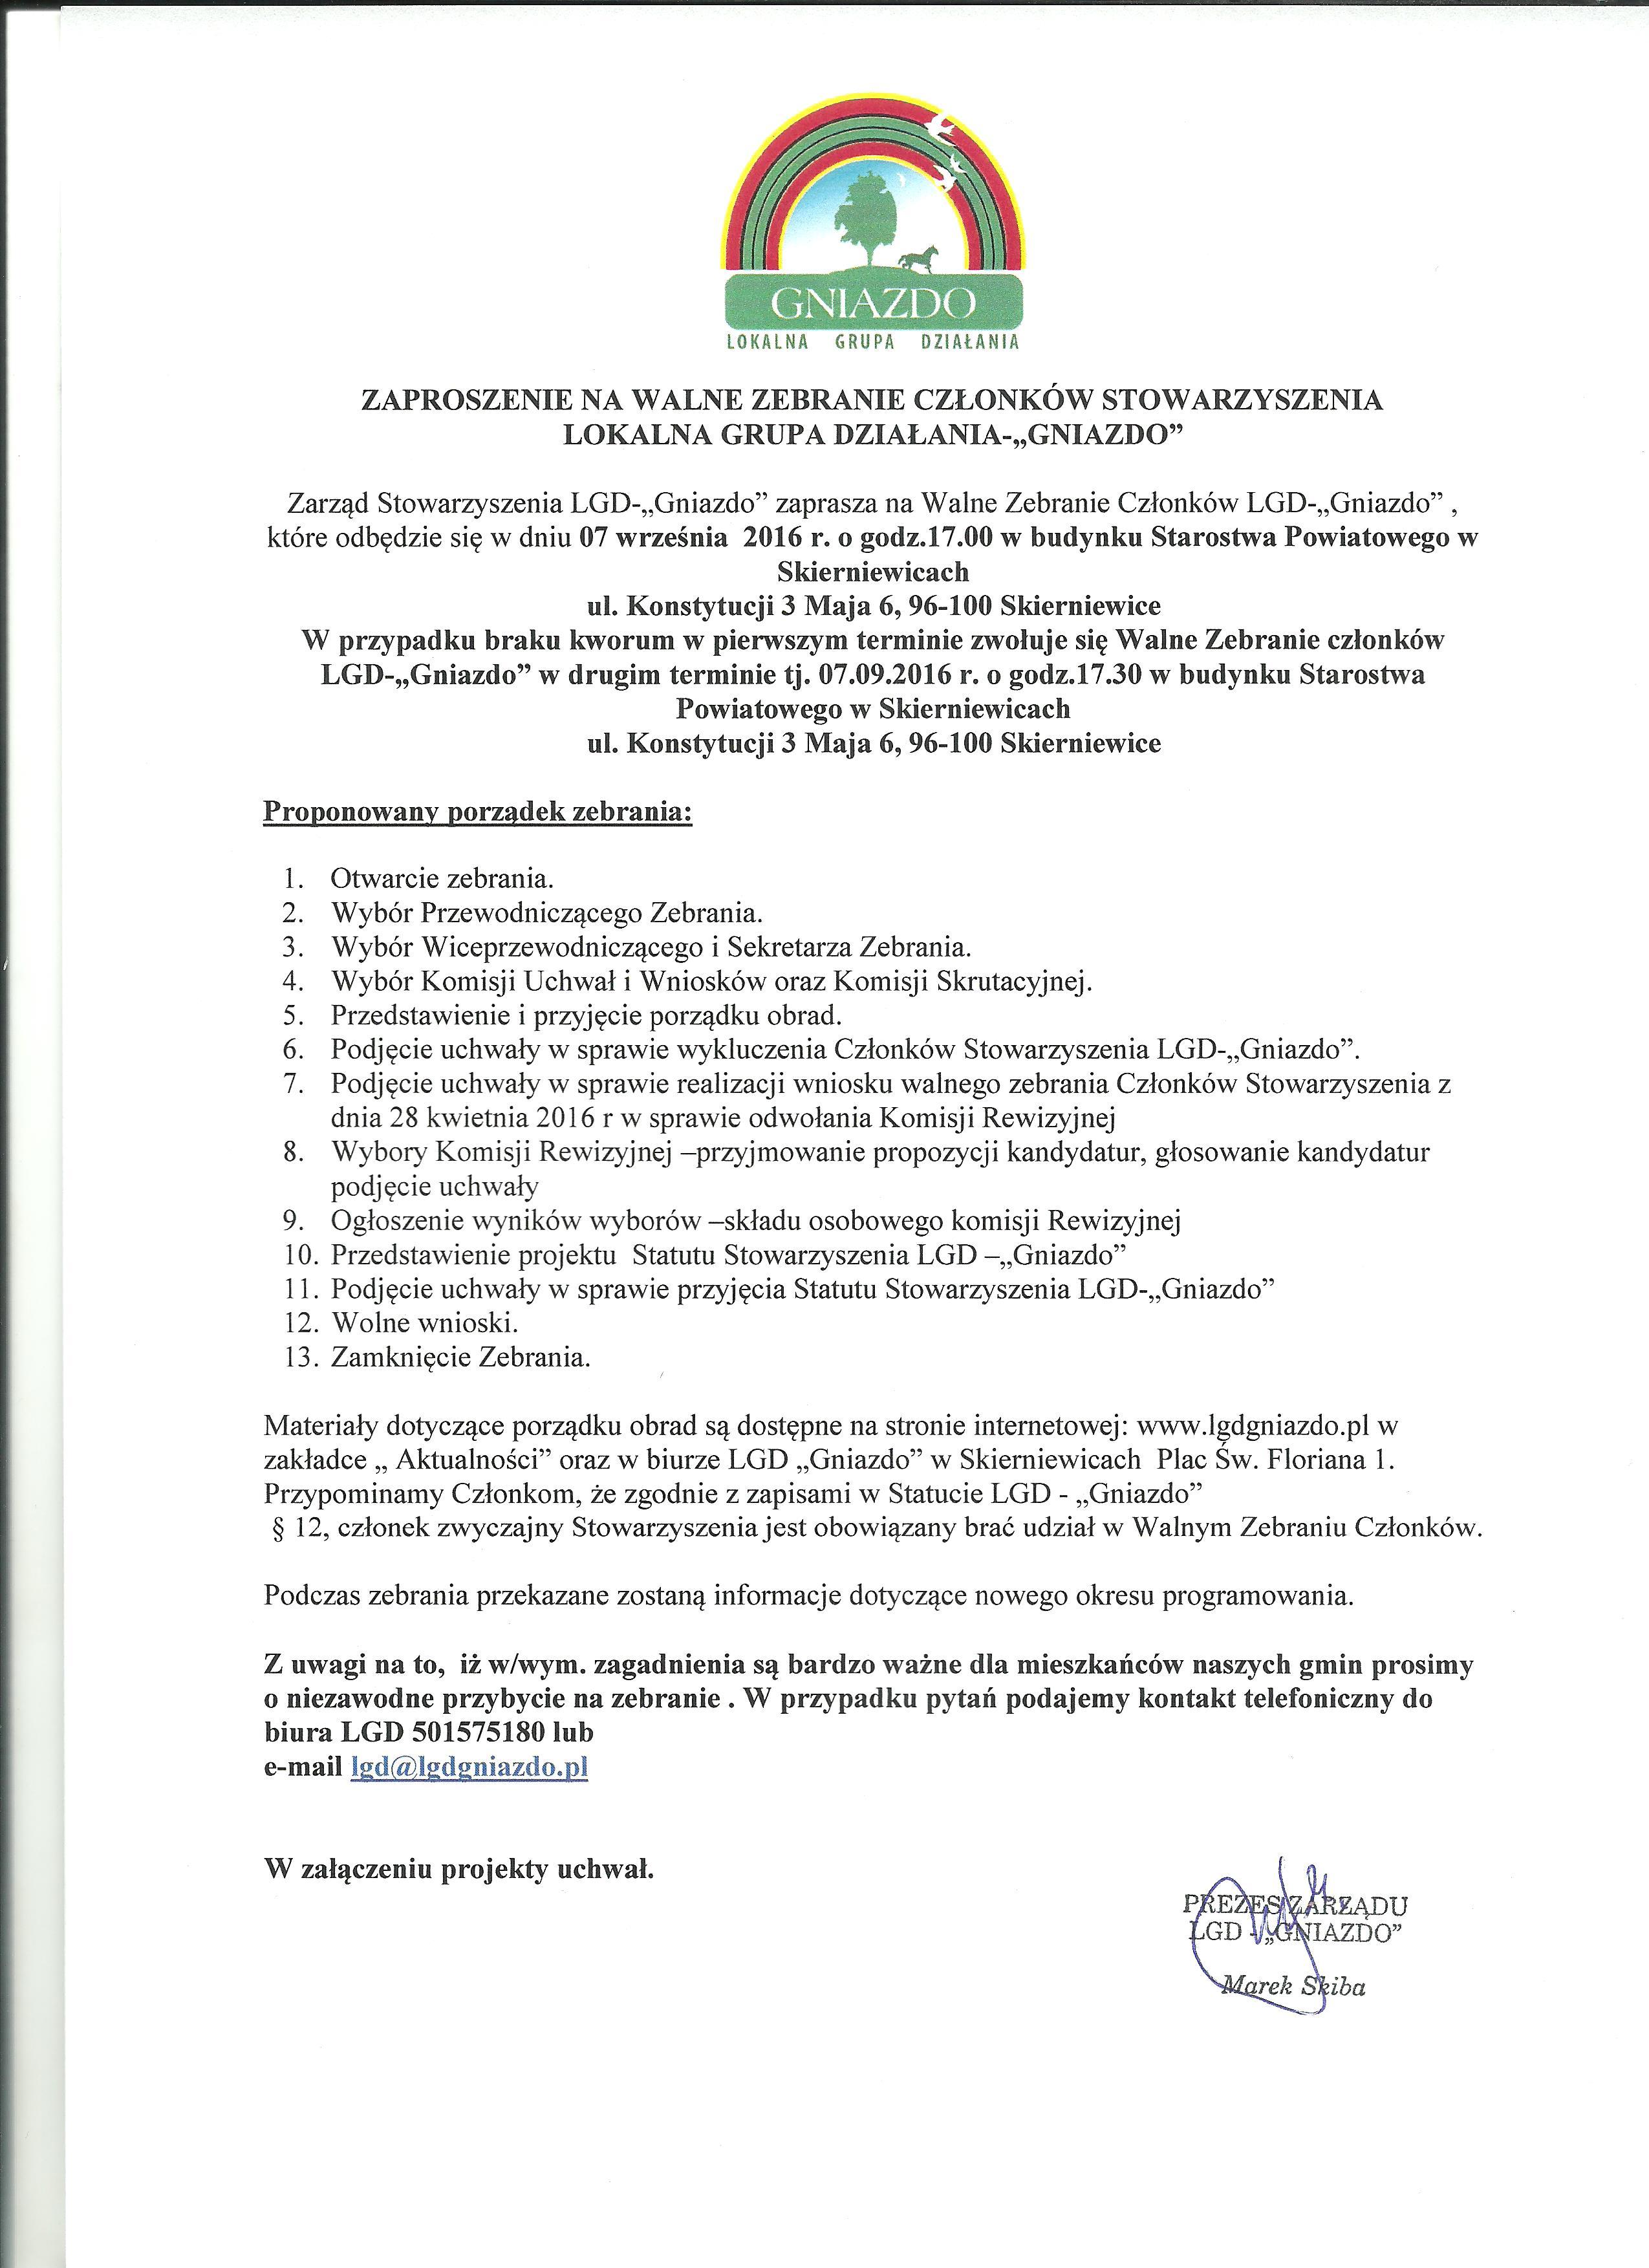 Zaproszenie na Walne Zebranie Czlonków Stowarzyszenia LGD - Gniazdo 001